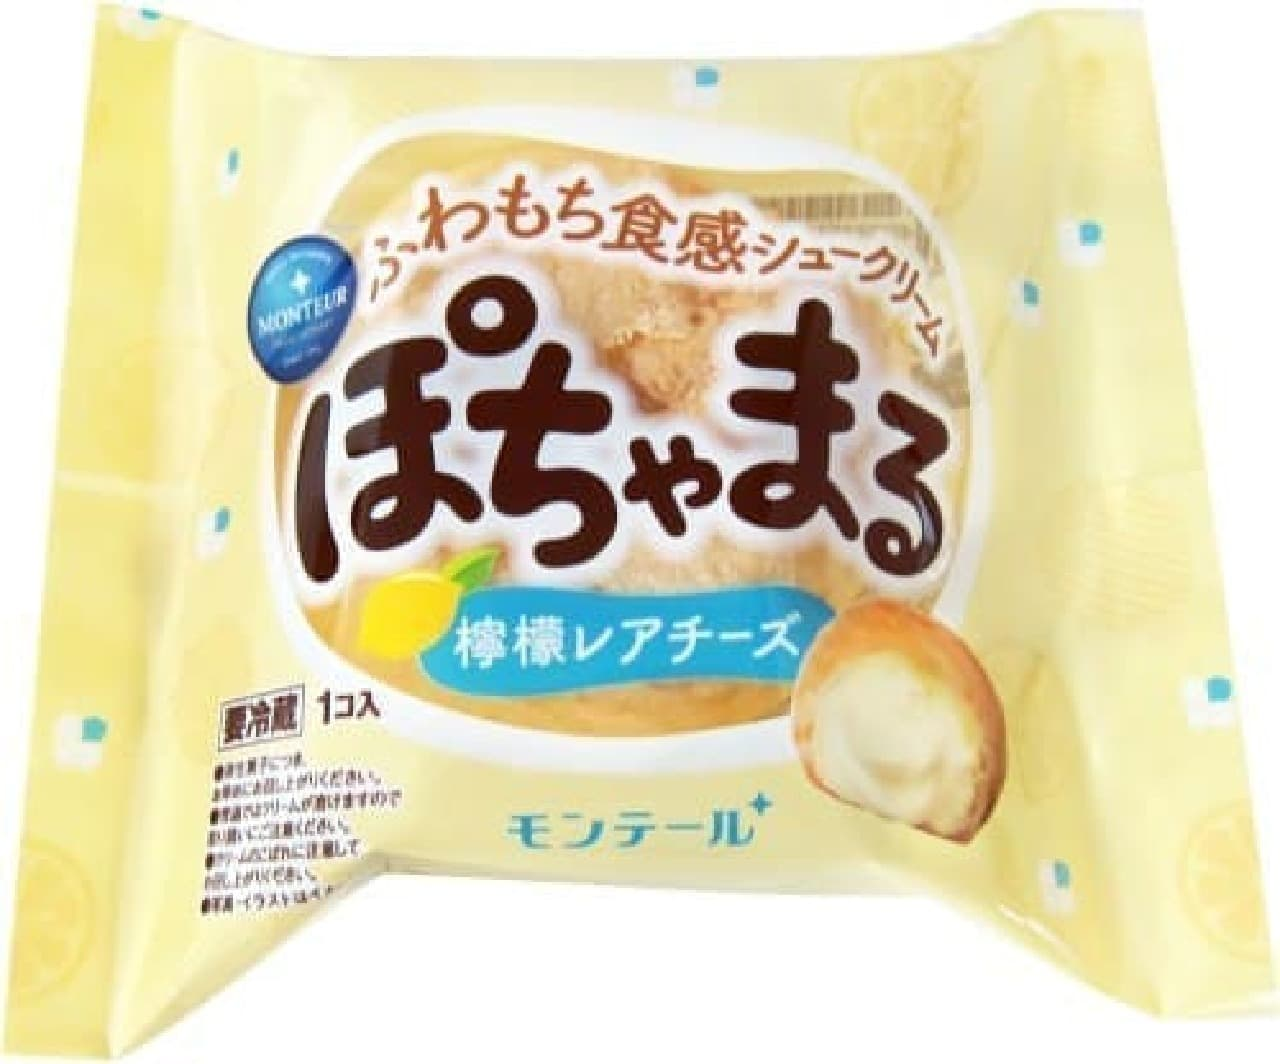 モンテール「ぽちゃまる 檸檬レアチーズ味」